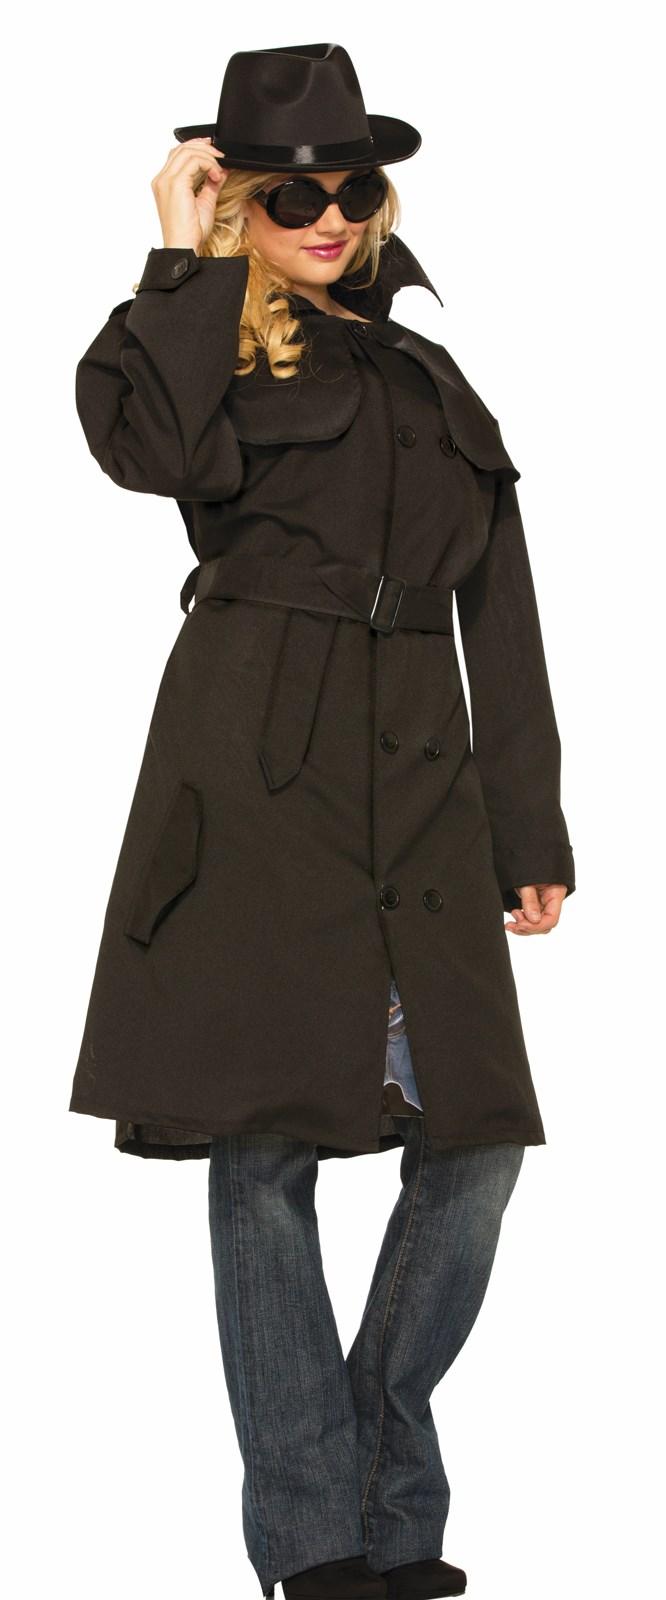 Womens Flasher Costume